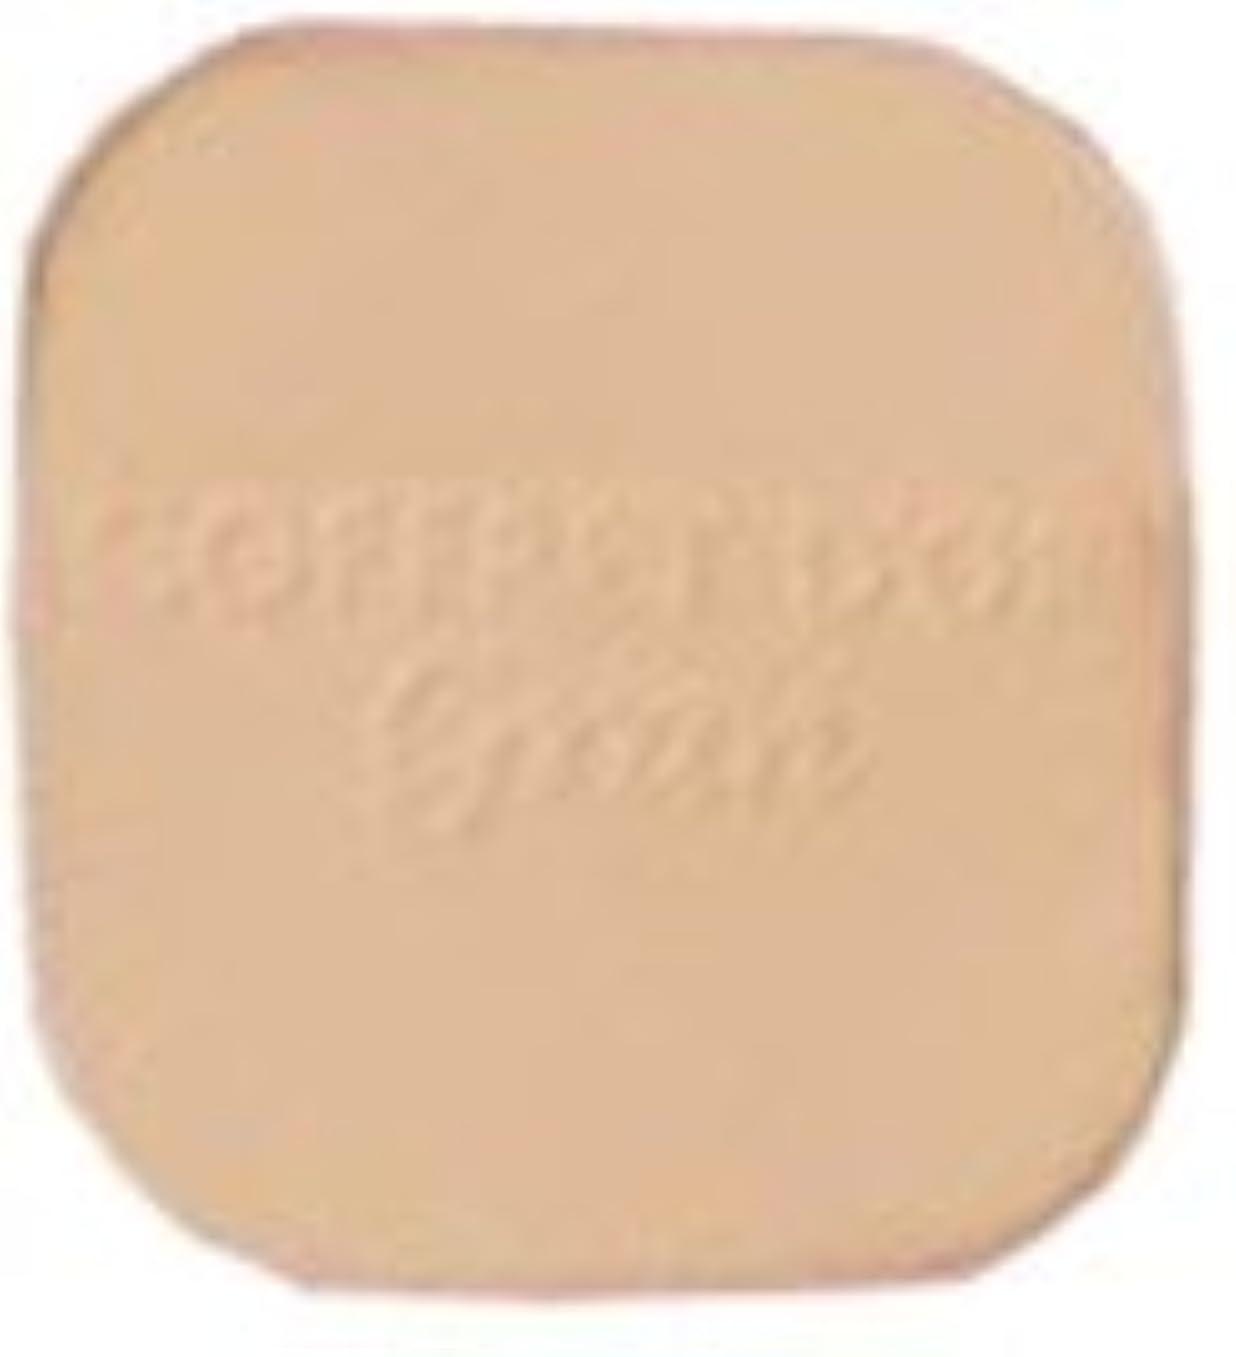 カネボウ(Kanebo) コフレドールグランカバーフィットパクトUVII《10.5g》<カラー:オークルB>